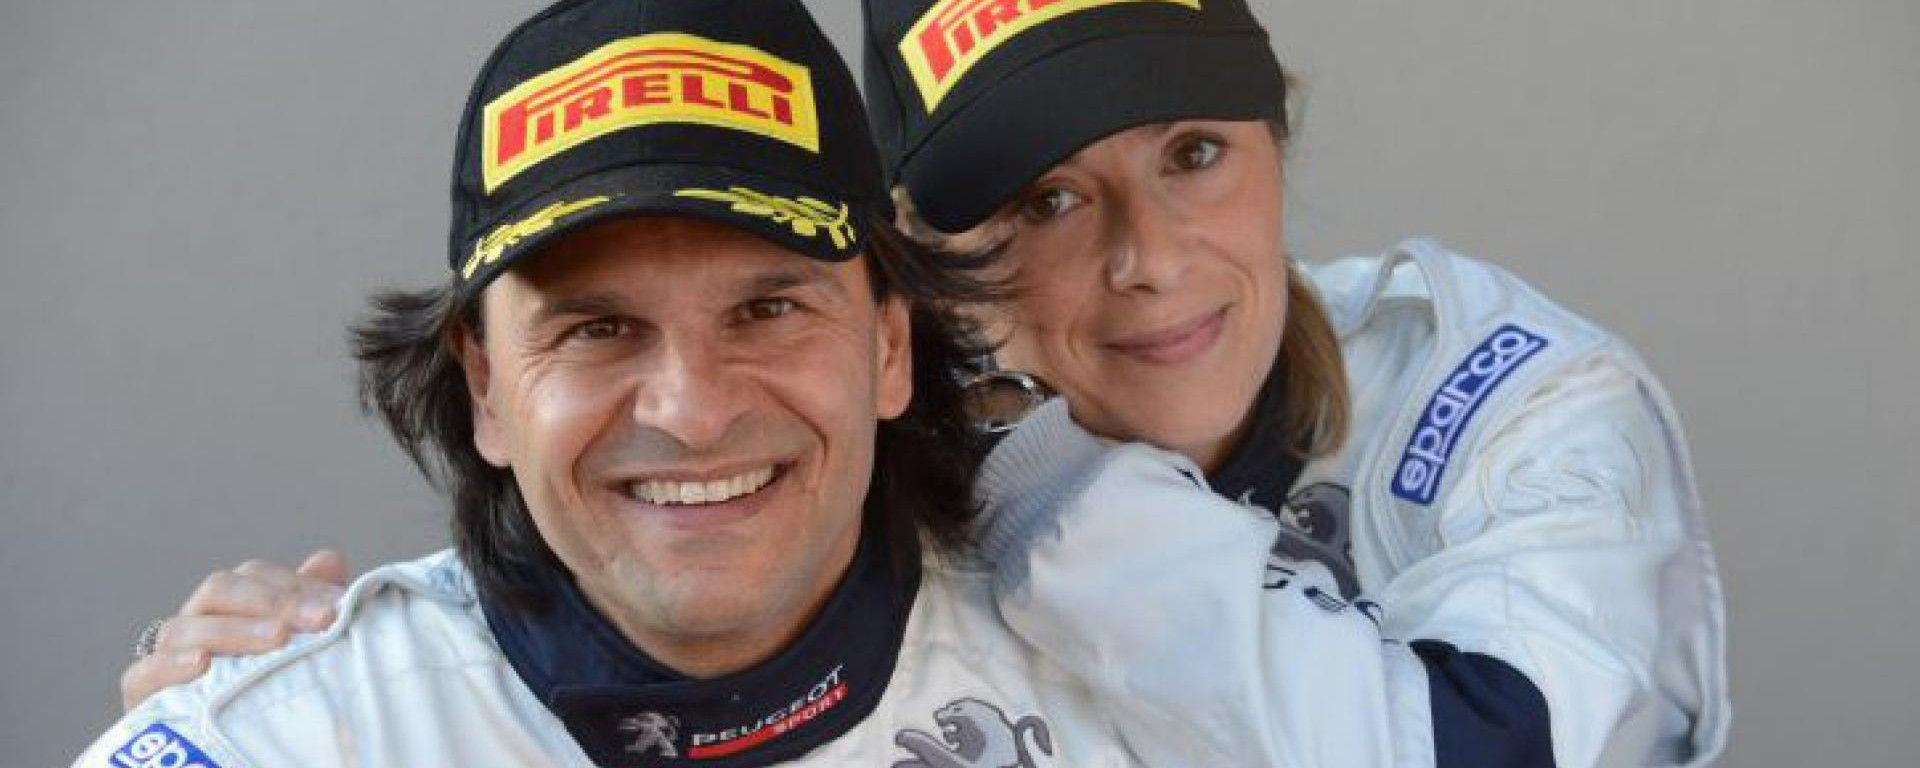 Andreucci e Andreussi saranno presenti al Monza Rally Show 2016 (video)